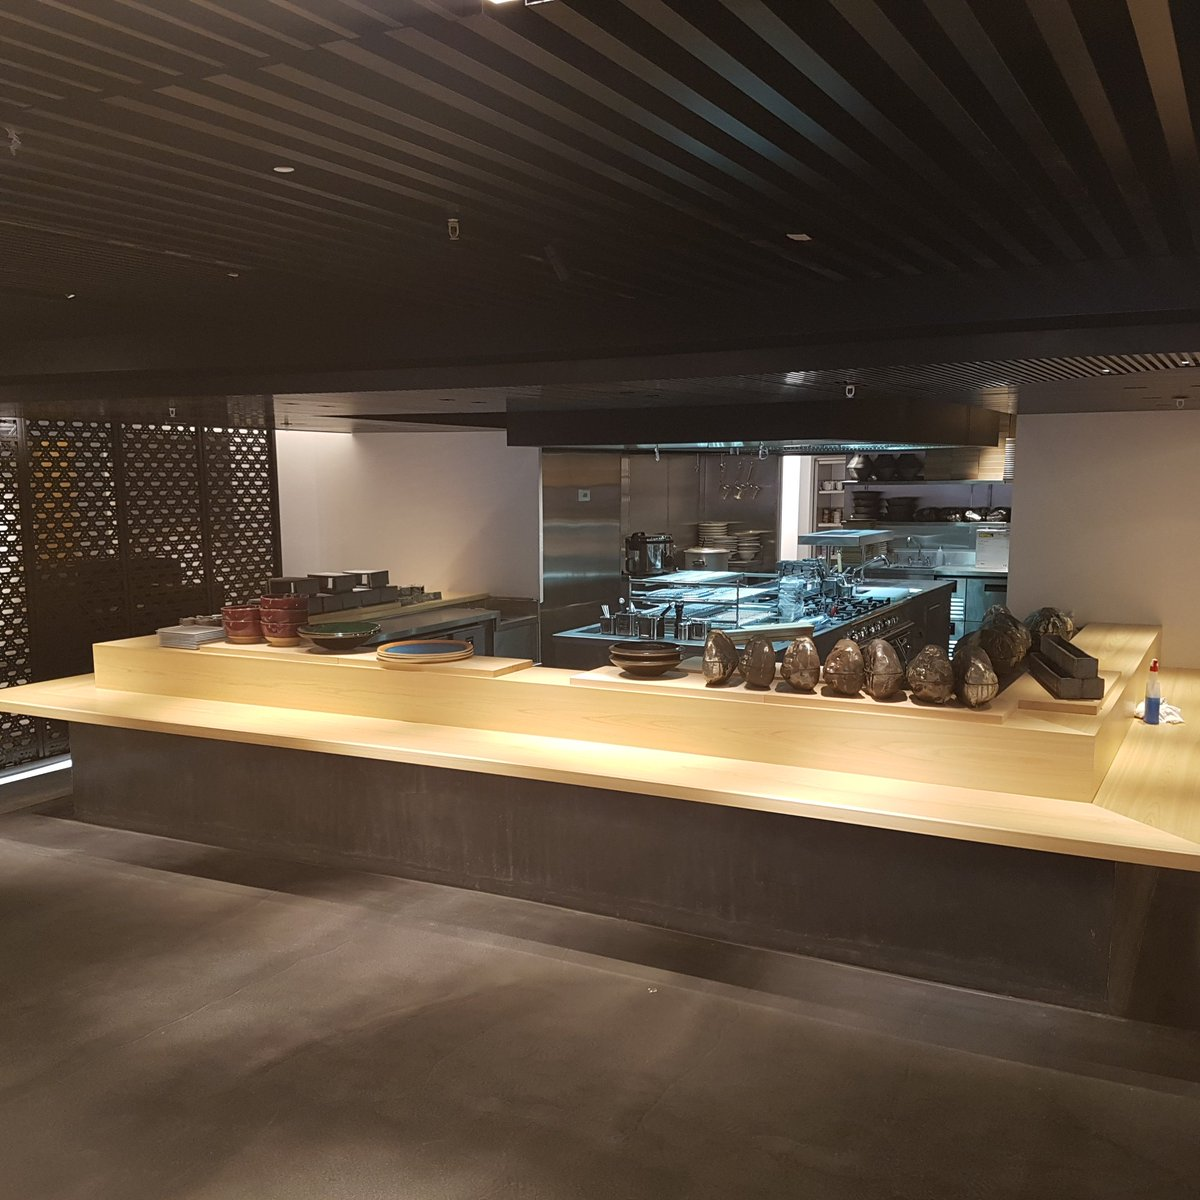 Make your kitchen a centrepiece. #hallmark #kitchendesign #commercialkitchen #kitchen